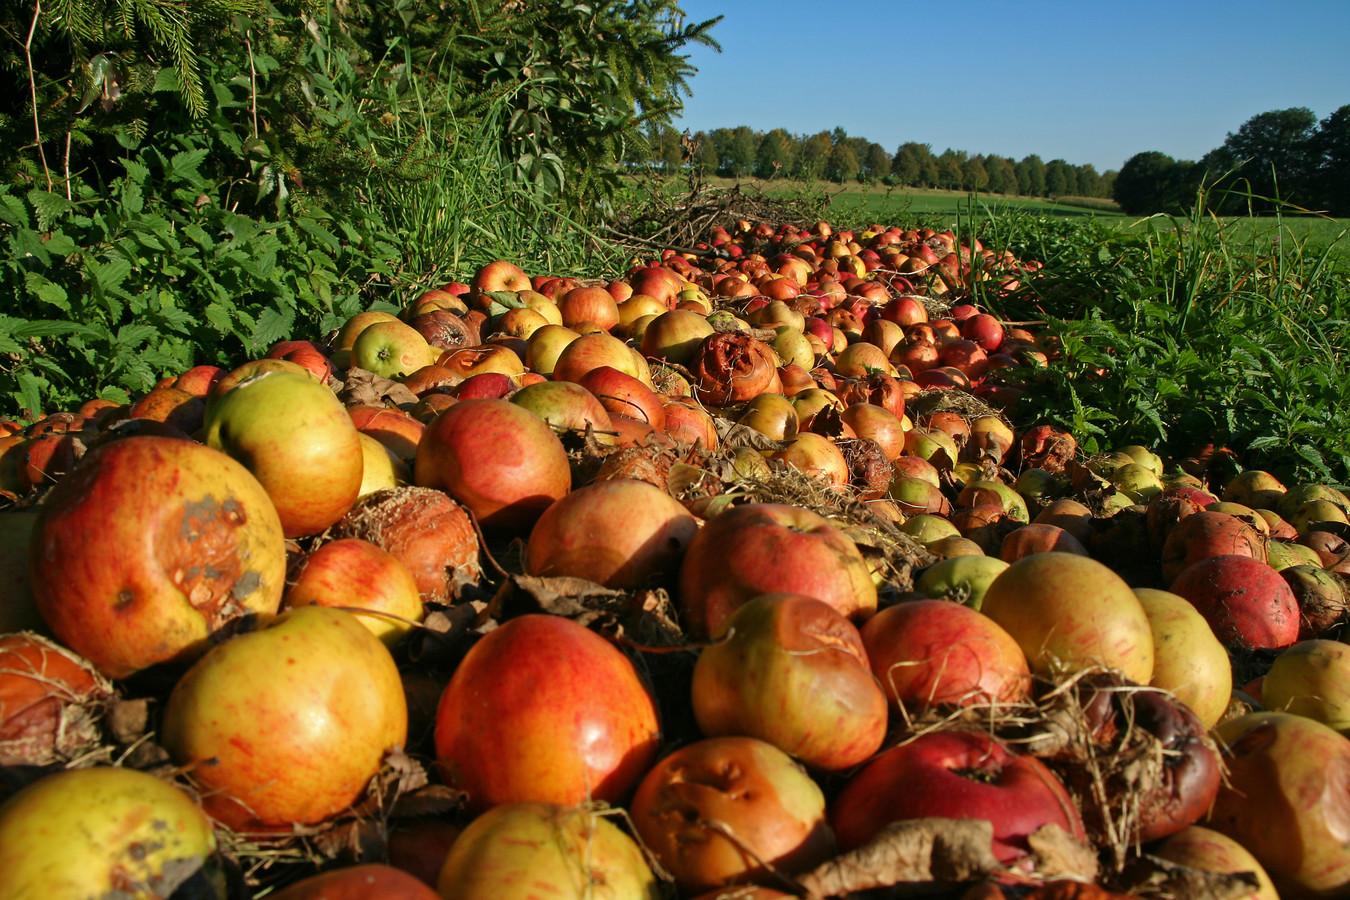 Oogst op het land krijgt dankzij de app tegen voedselverspilling een nuttige bestemming.